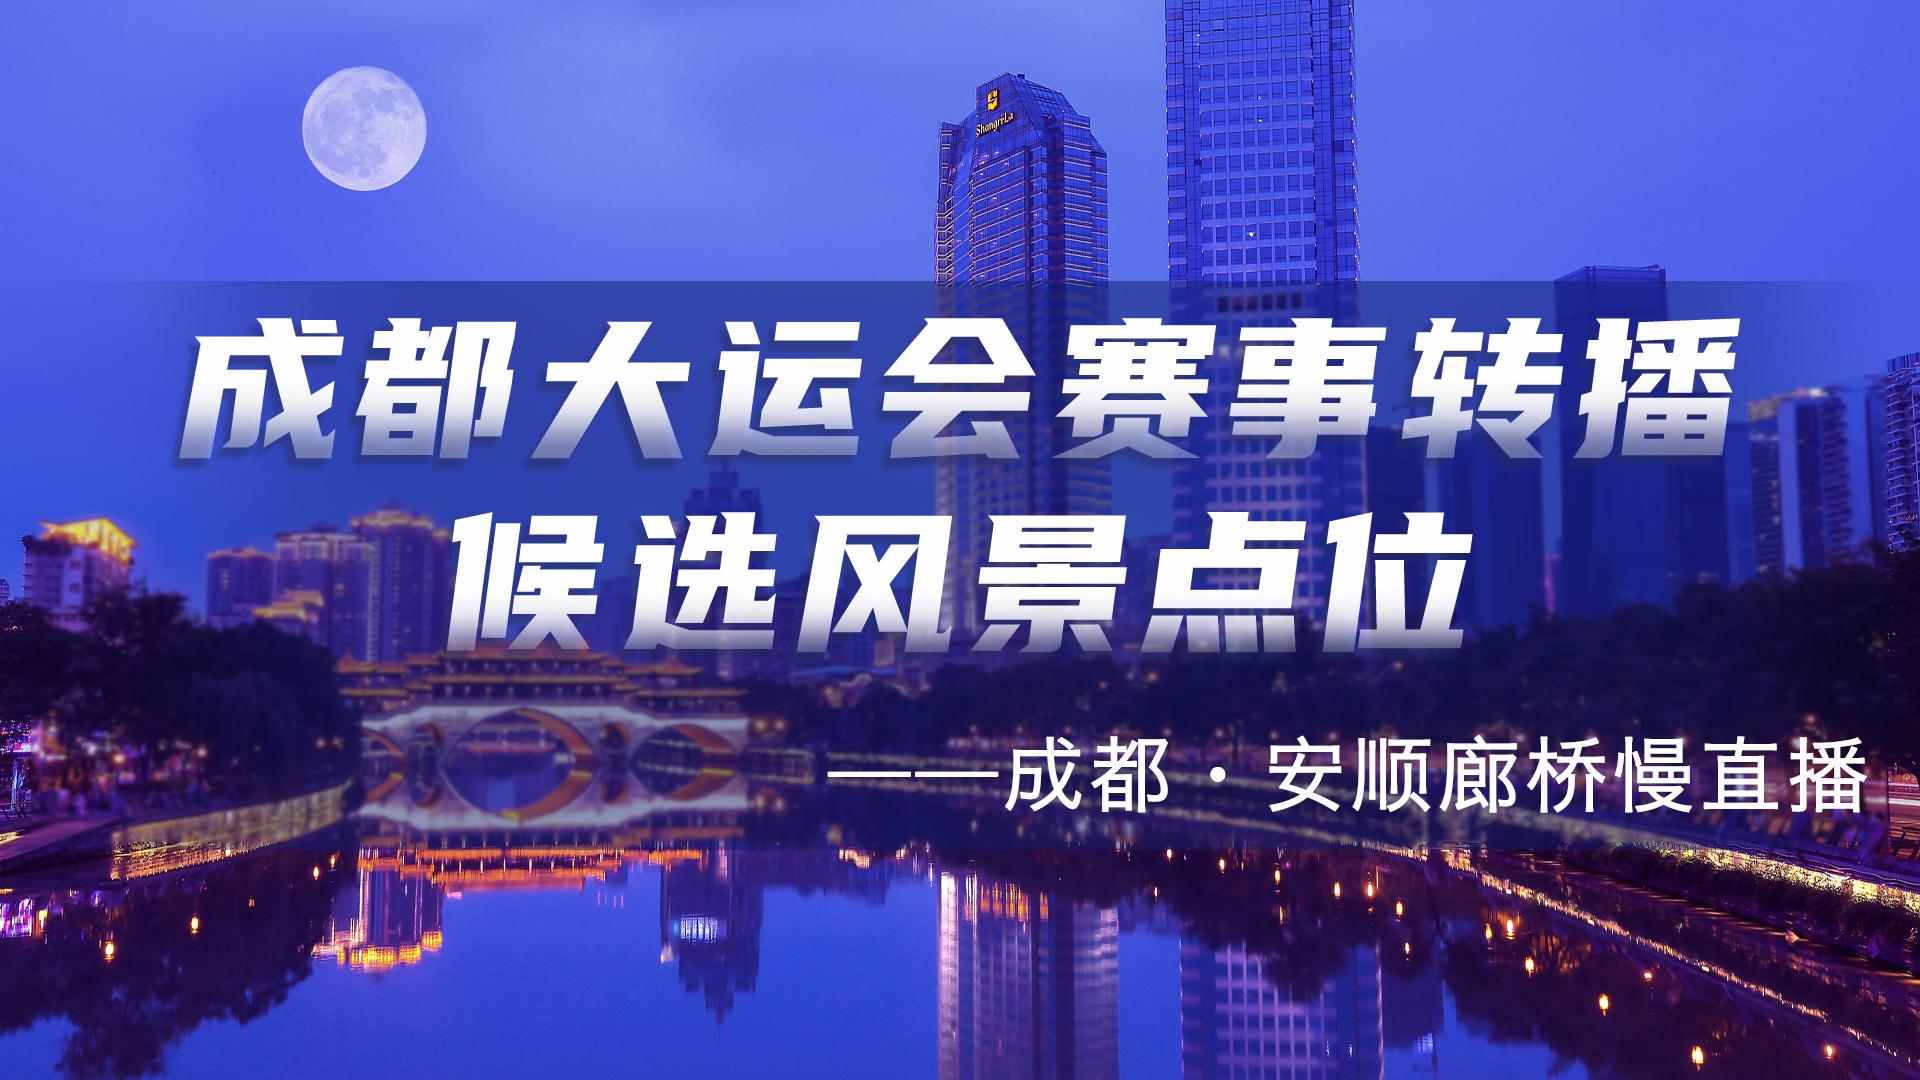 【直播】成都大运会赛事转播候选风景点位——成都·安顺廊桥慢直播